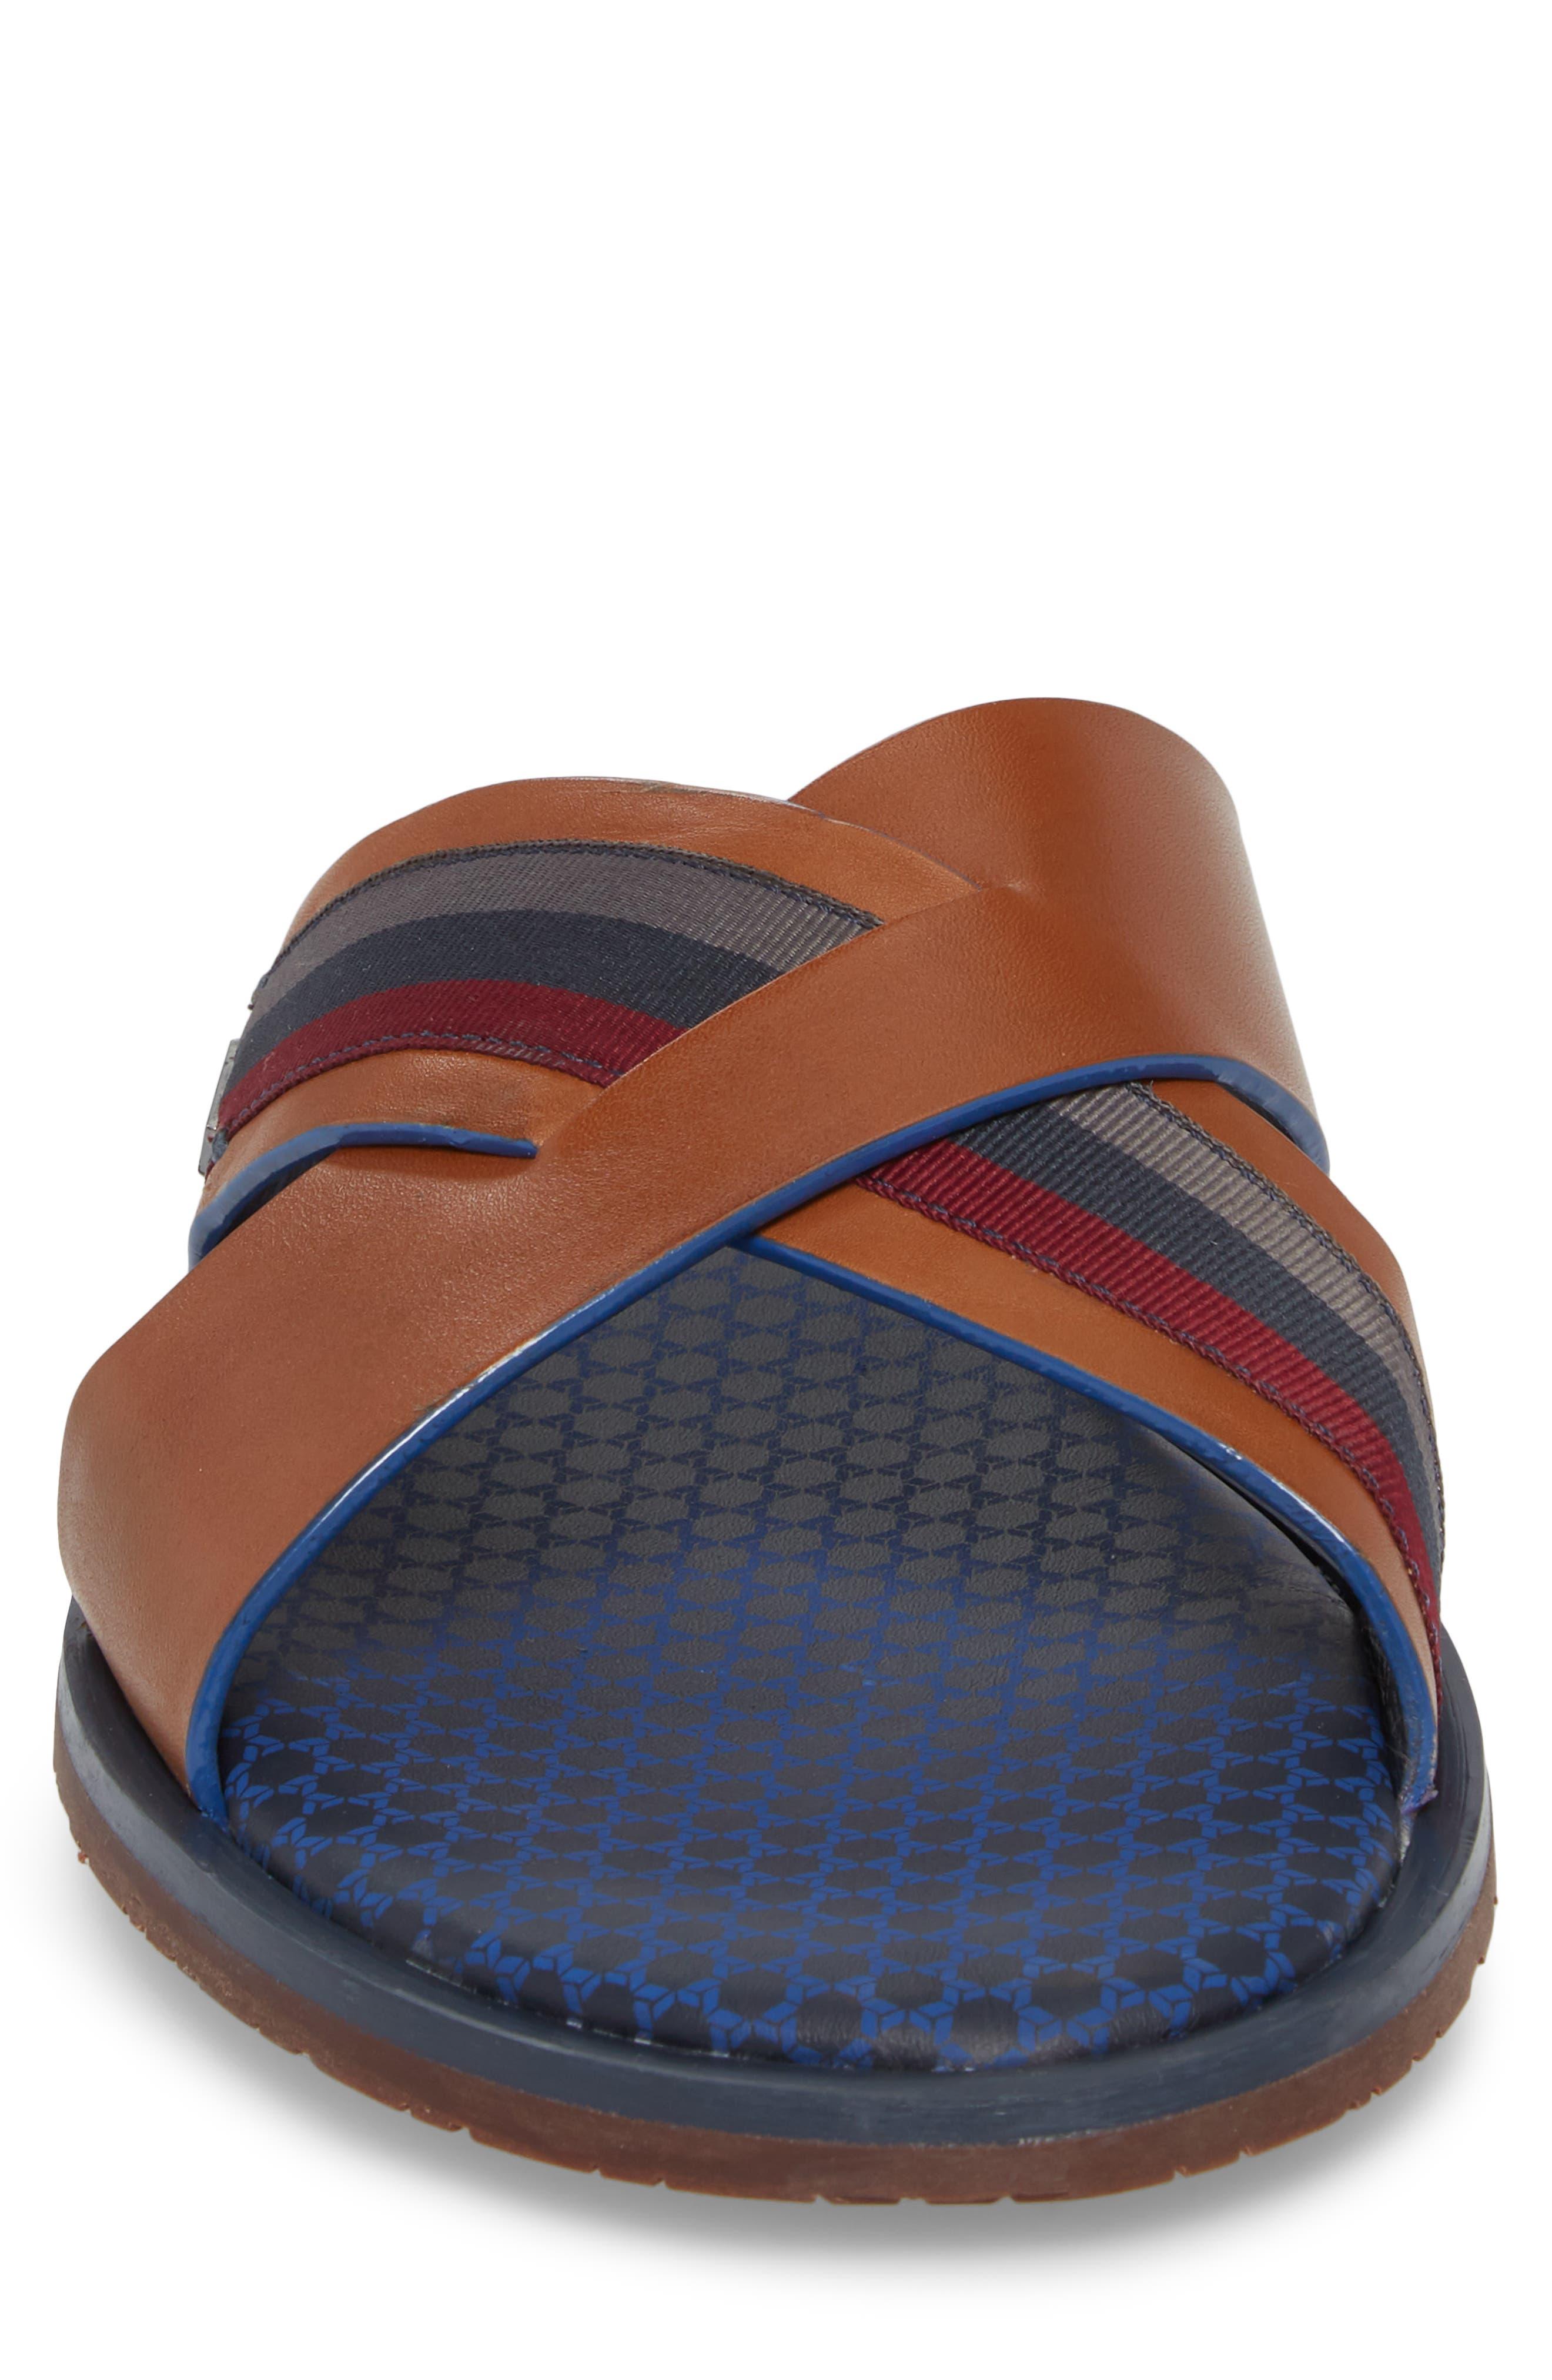 Farrull Cross Strap Slide Sandal,                             Alternate thumbnail 4, color,                             204